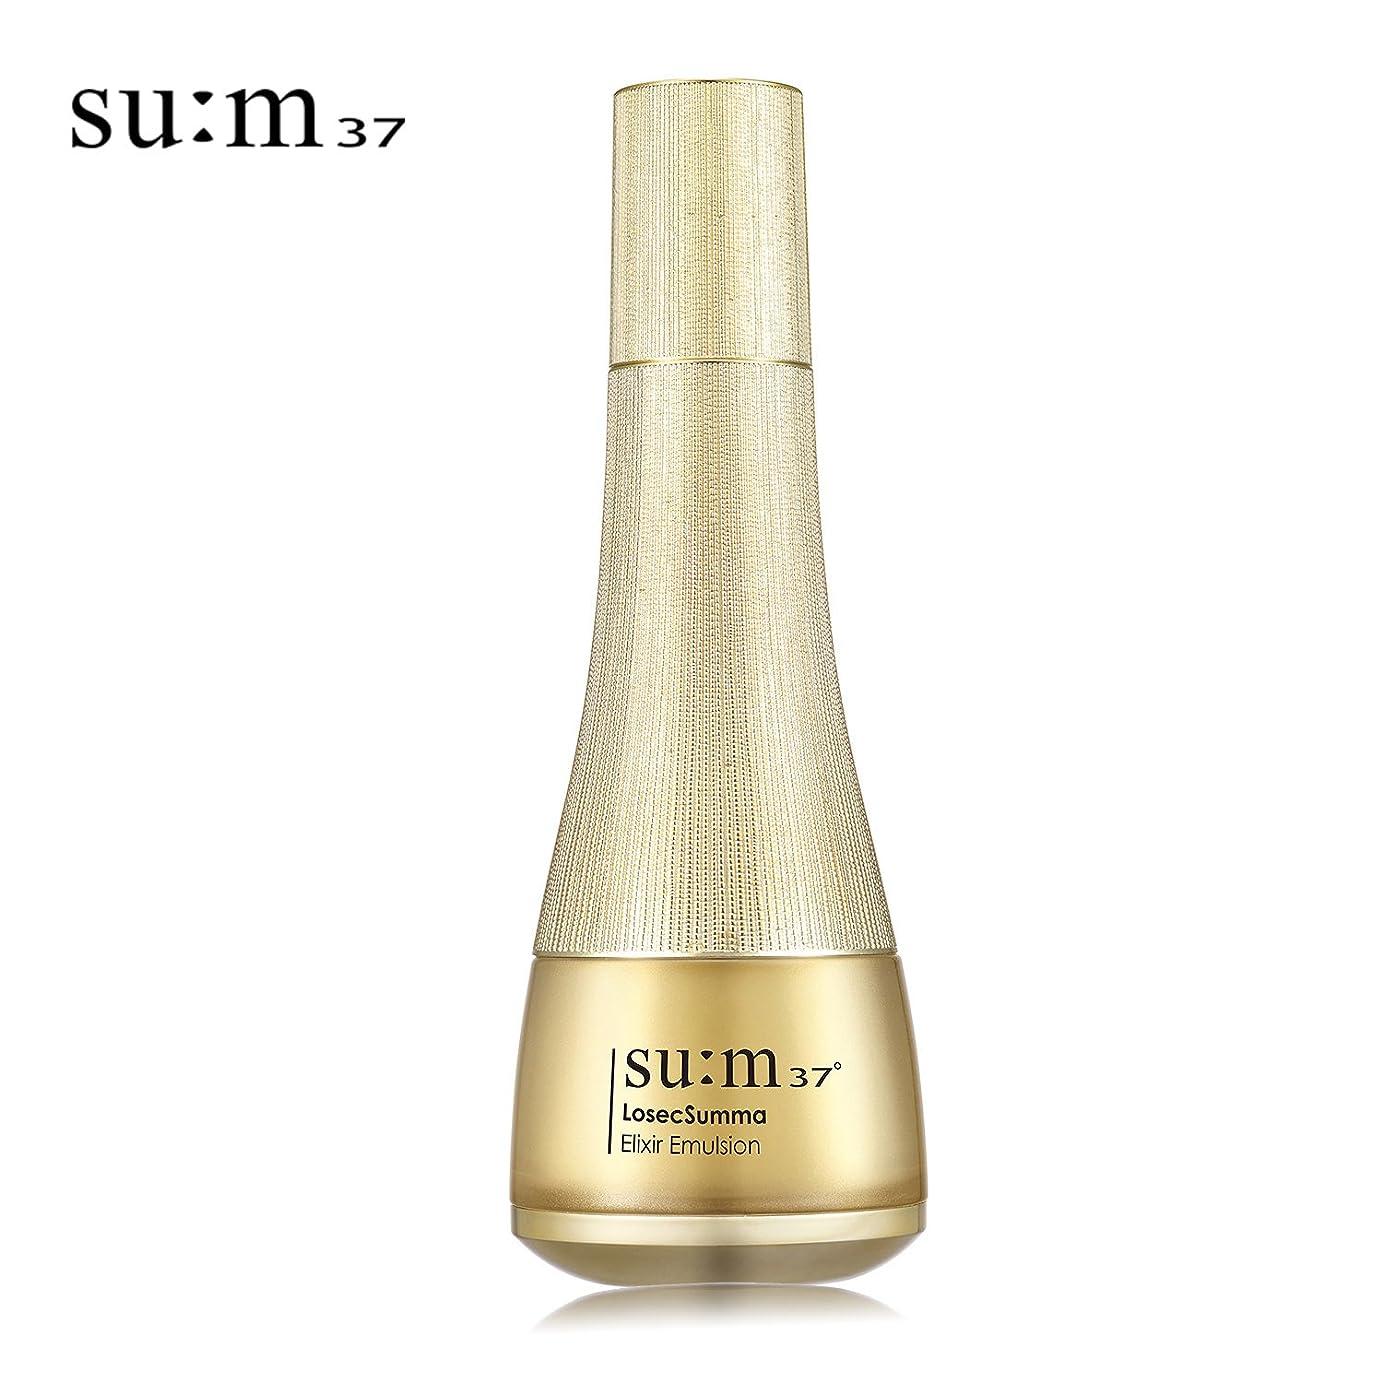 グッゲンハイム美術館疑問を超えて前提[su:m37/スム37°]Sum37 LOSEC SUMMA ELIXIR emulsion 130 ml/スム37 LOSEC SUMMA ELIXIR エマルジョン 130ml + [Sample Gift](海外直送品)